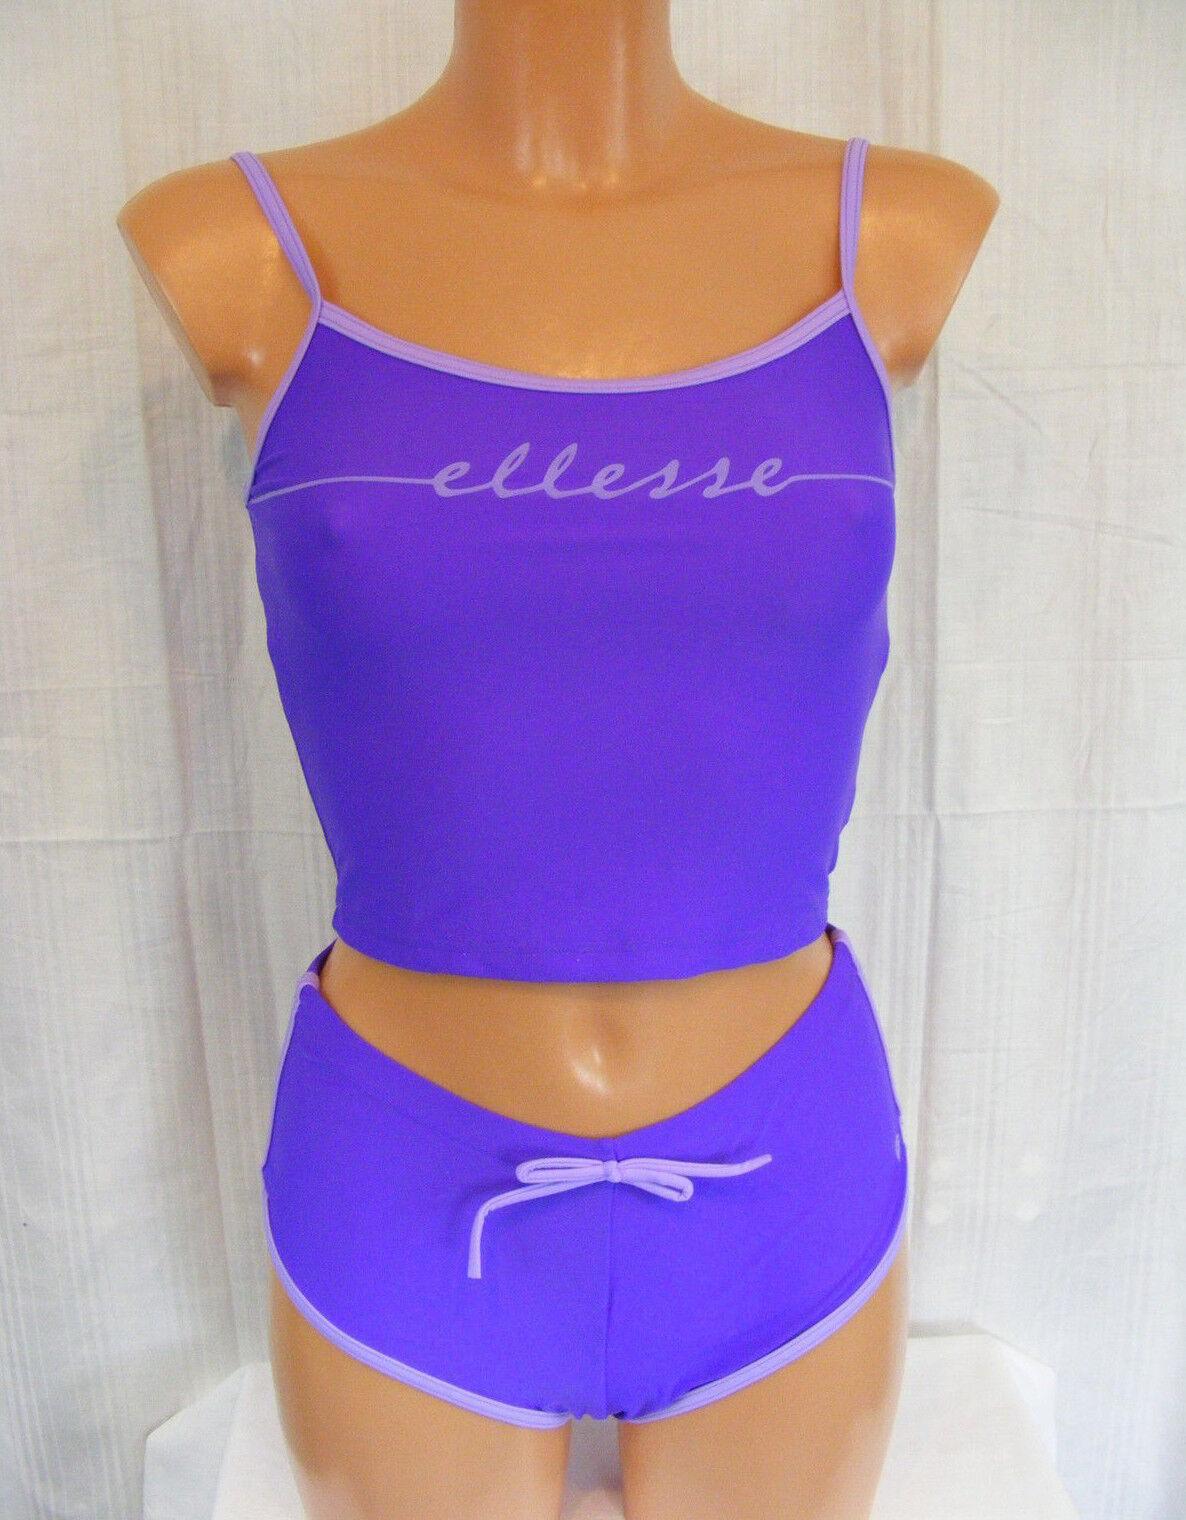 ELLESSE   36  lila flieder  Sexy Tankini mit Panty  mit Unterbrustgummi  NEU | Innovation  | Leicht zu reinigende Oberfläche  | Moderne Muster  | eine breite Palette von Produkten  | Angemessene Lieferung und pünktliche Lieferung  7e1777